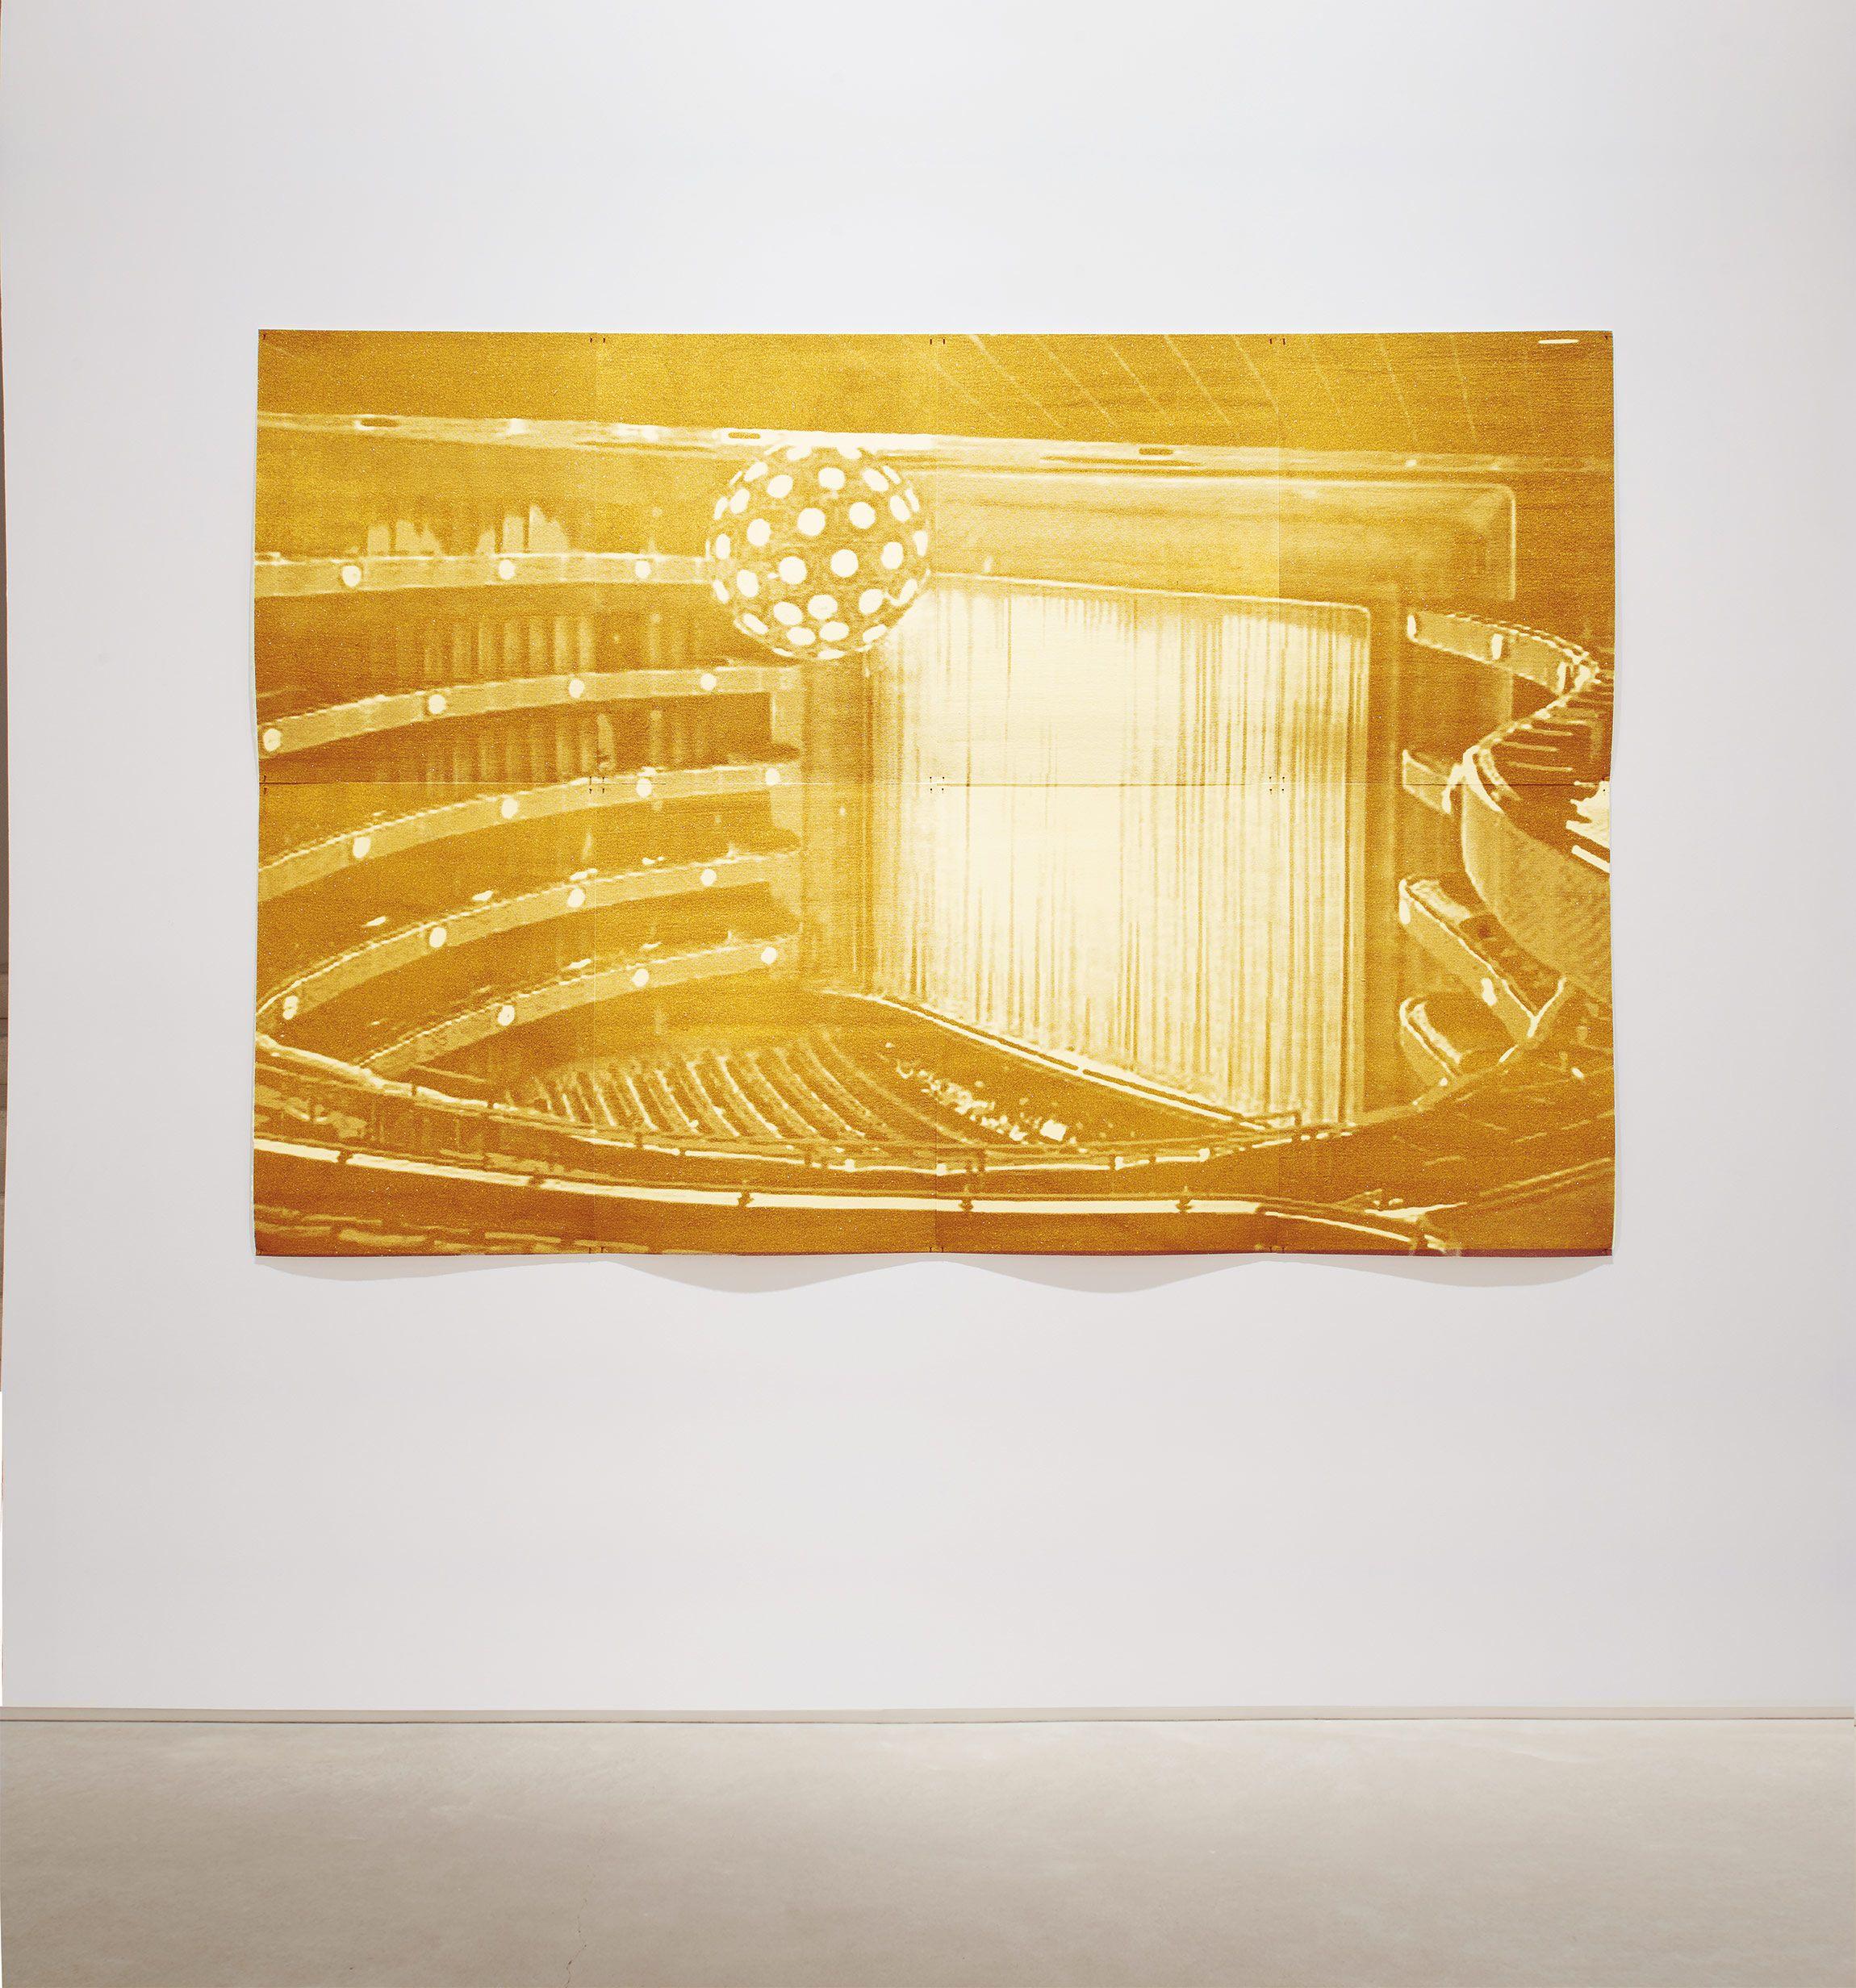 Curtain, 2011